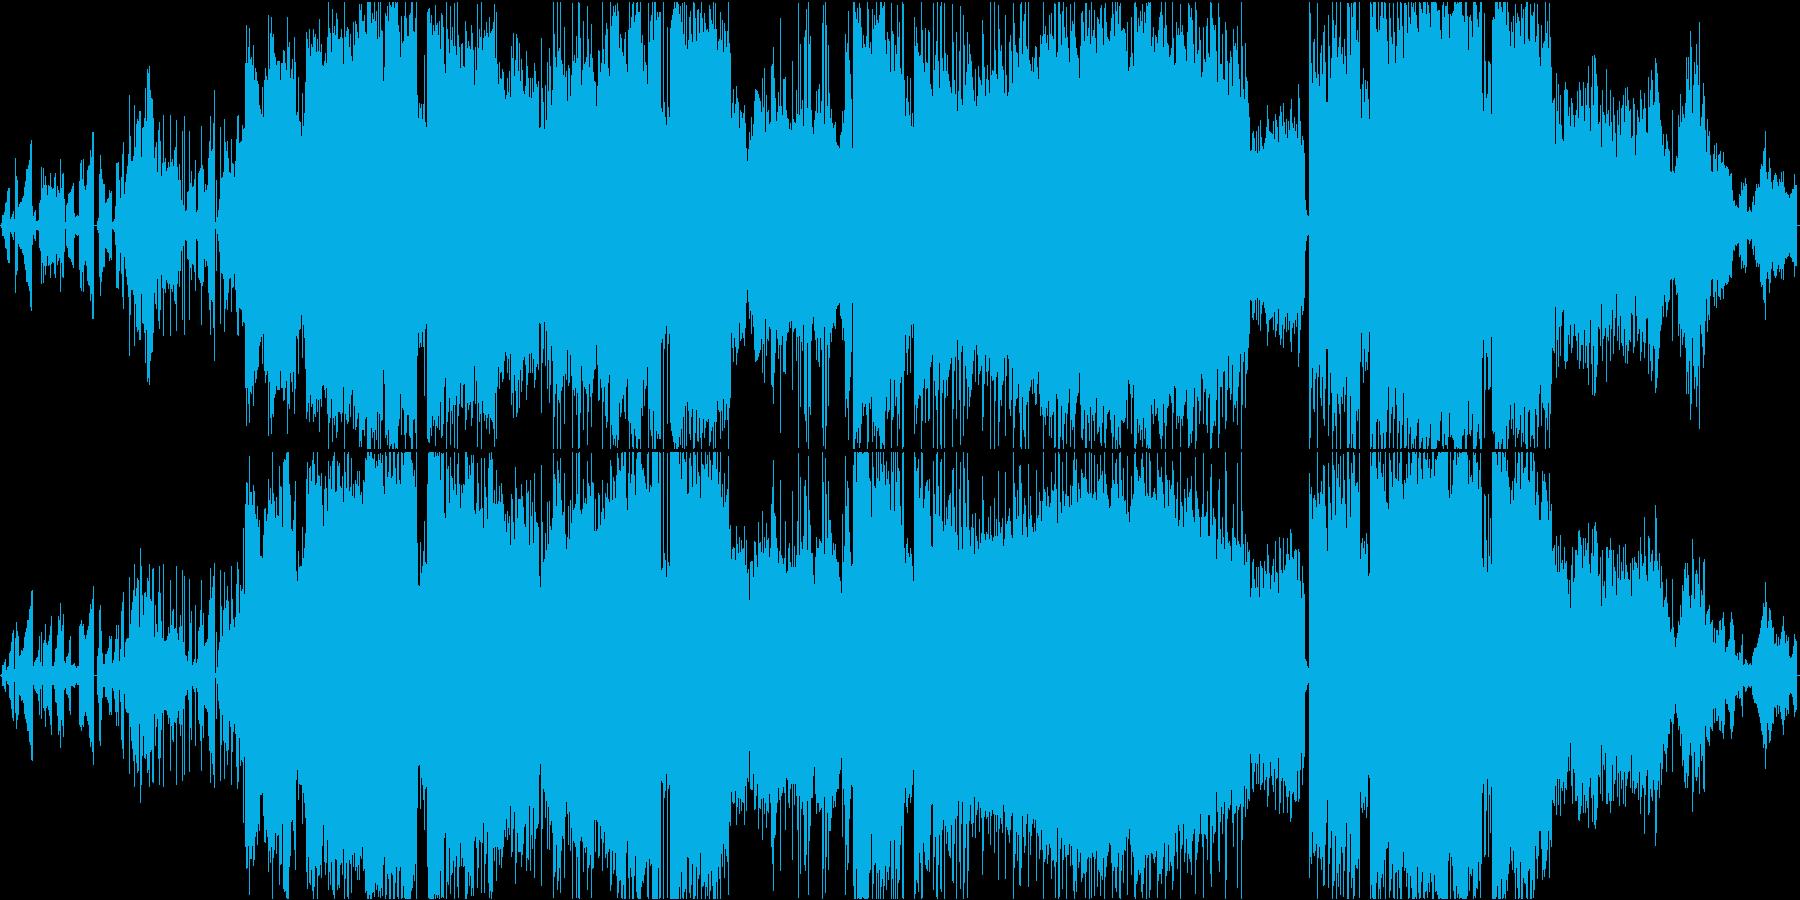 波紋をイメージした和やかで癒やしの一曲の再生済みの波形